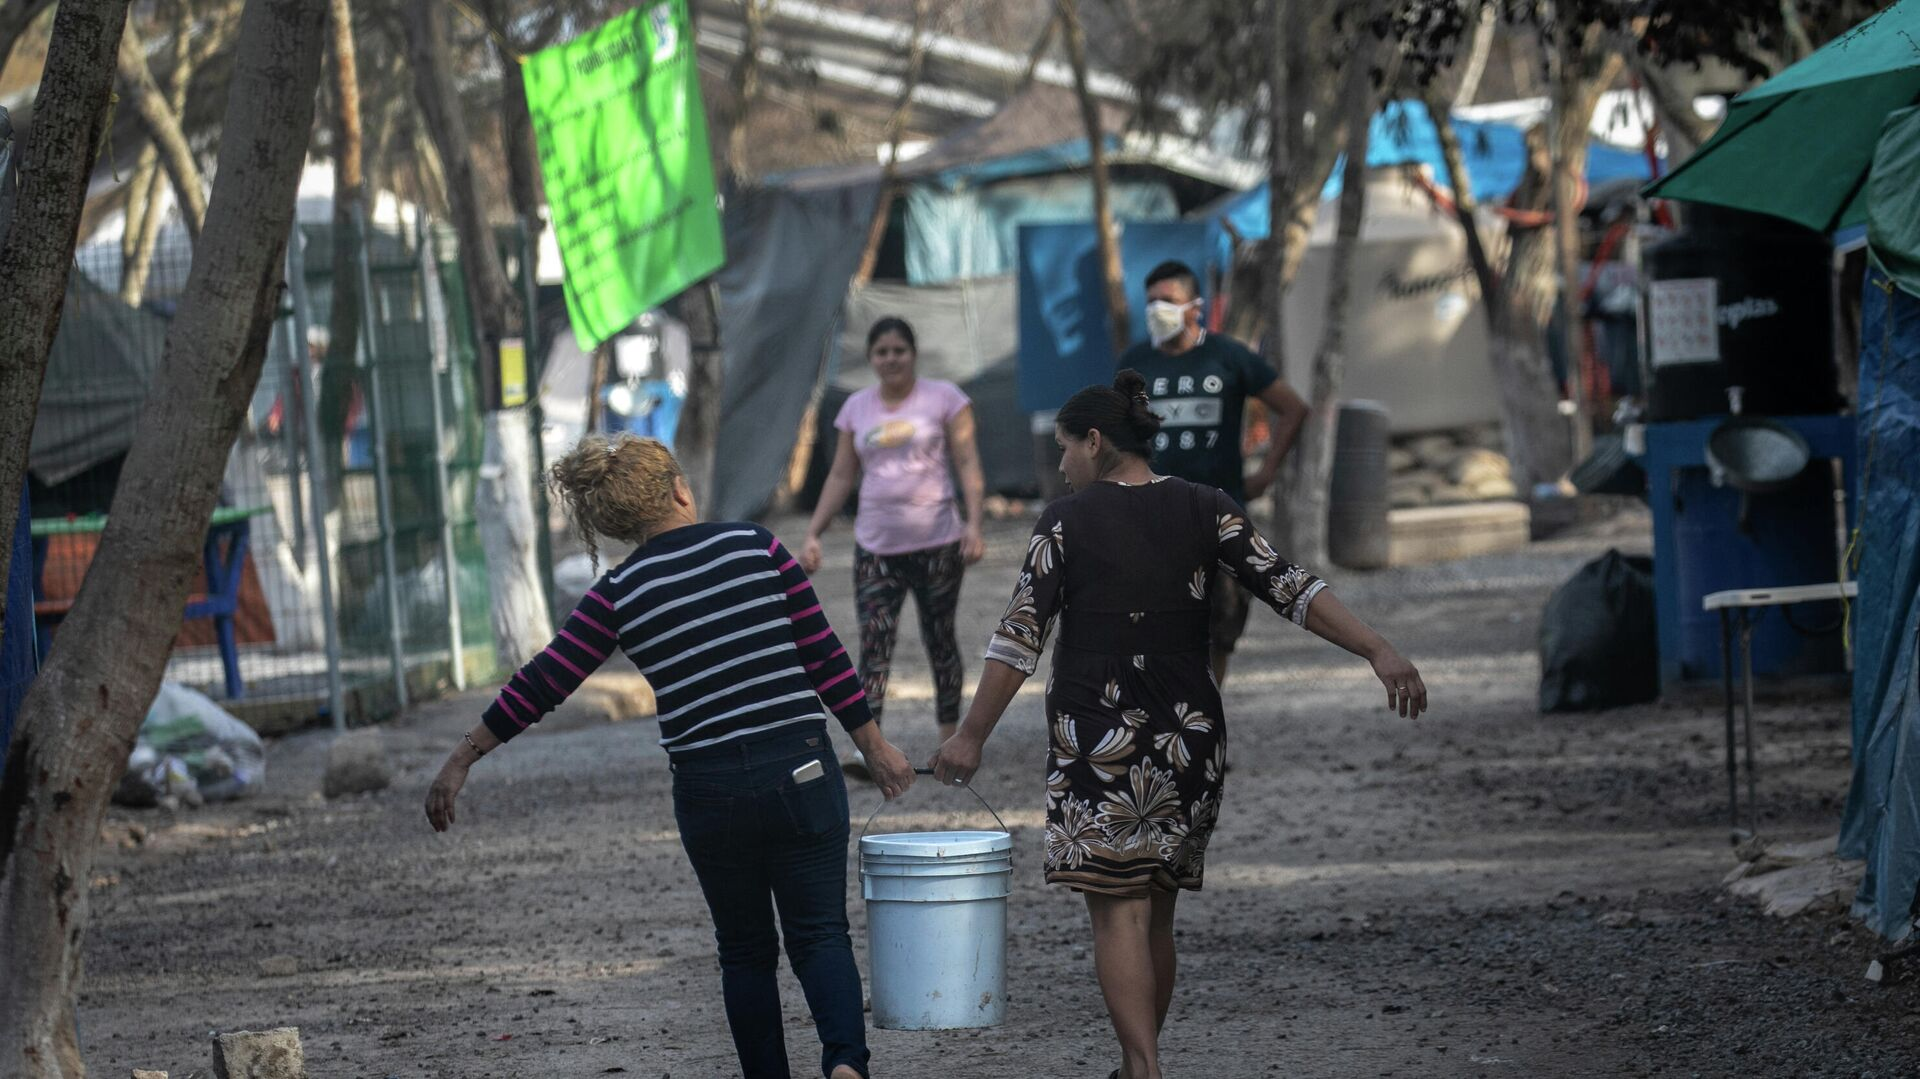 Los solicitantes de asilo en Estados Unidos llevan agua dulce distribuida en un campamento de migrantes en la frontera entre EEUU y México - Sputnik Mundo, 1920, 24.03.2021